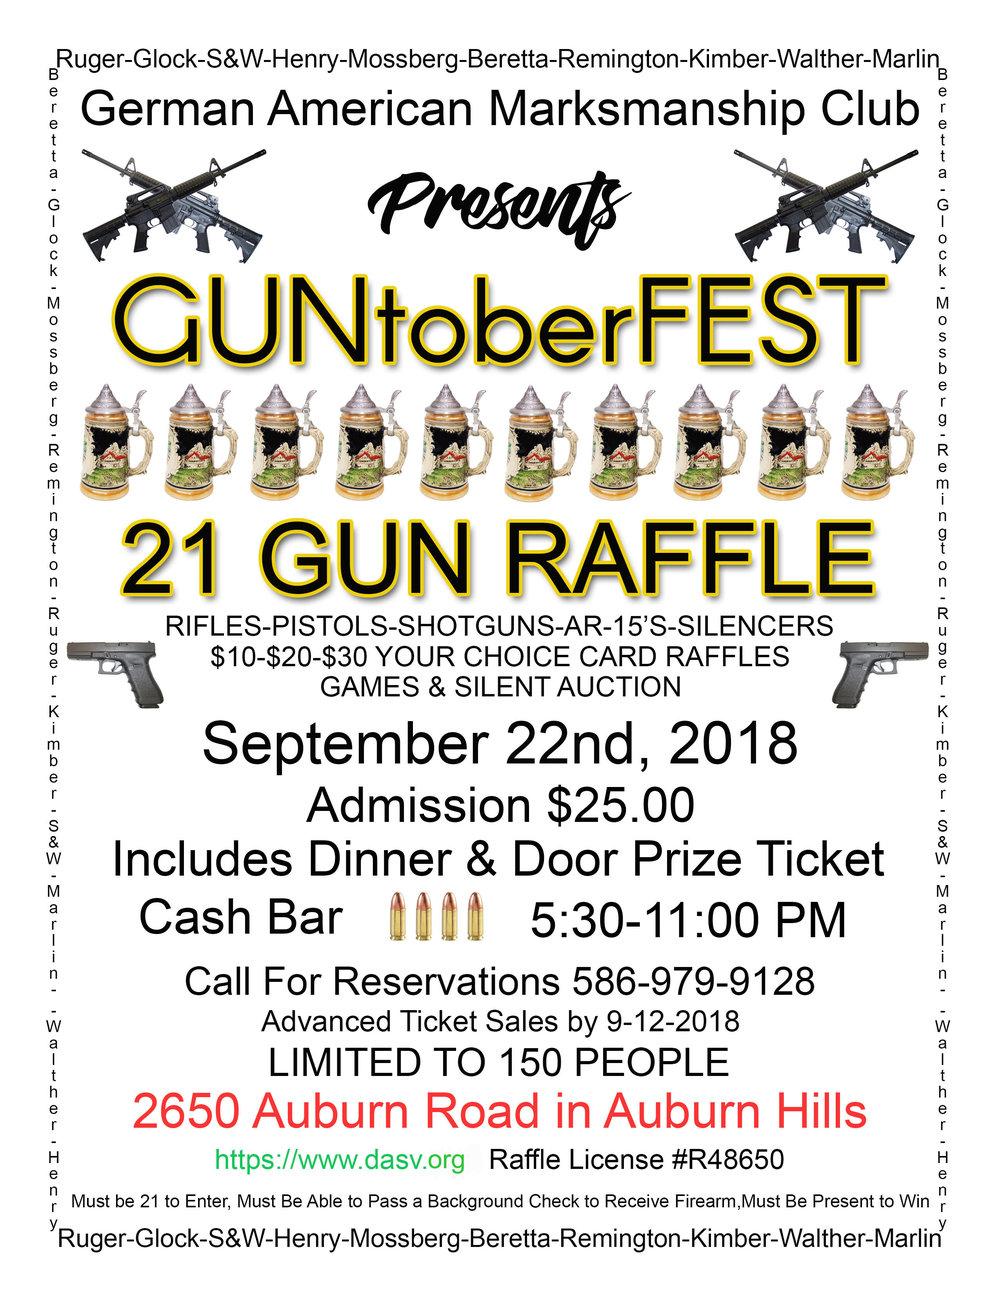 Guntoberfest 07-30-18.jpg